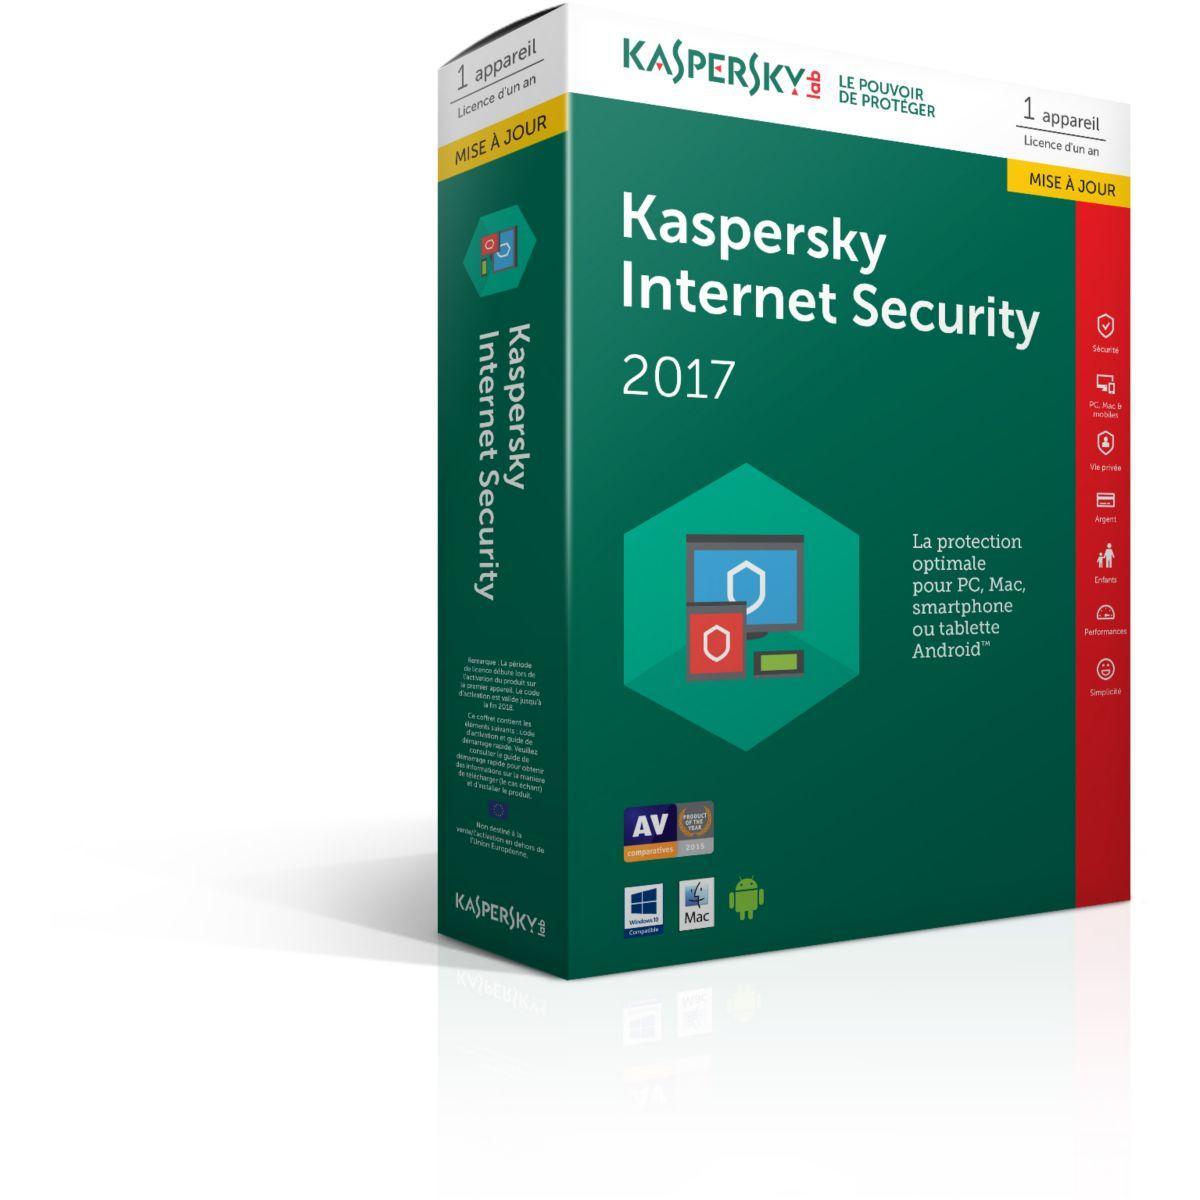 Logiciel antivirus pc kaspersky internet security 2017 1 poste / 1 an maj - 10% de remise immédiate avec le code : cash10 (photo)